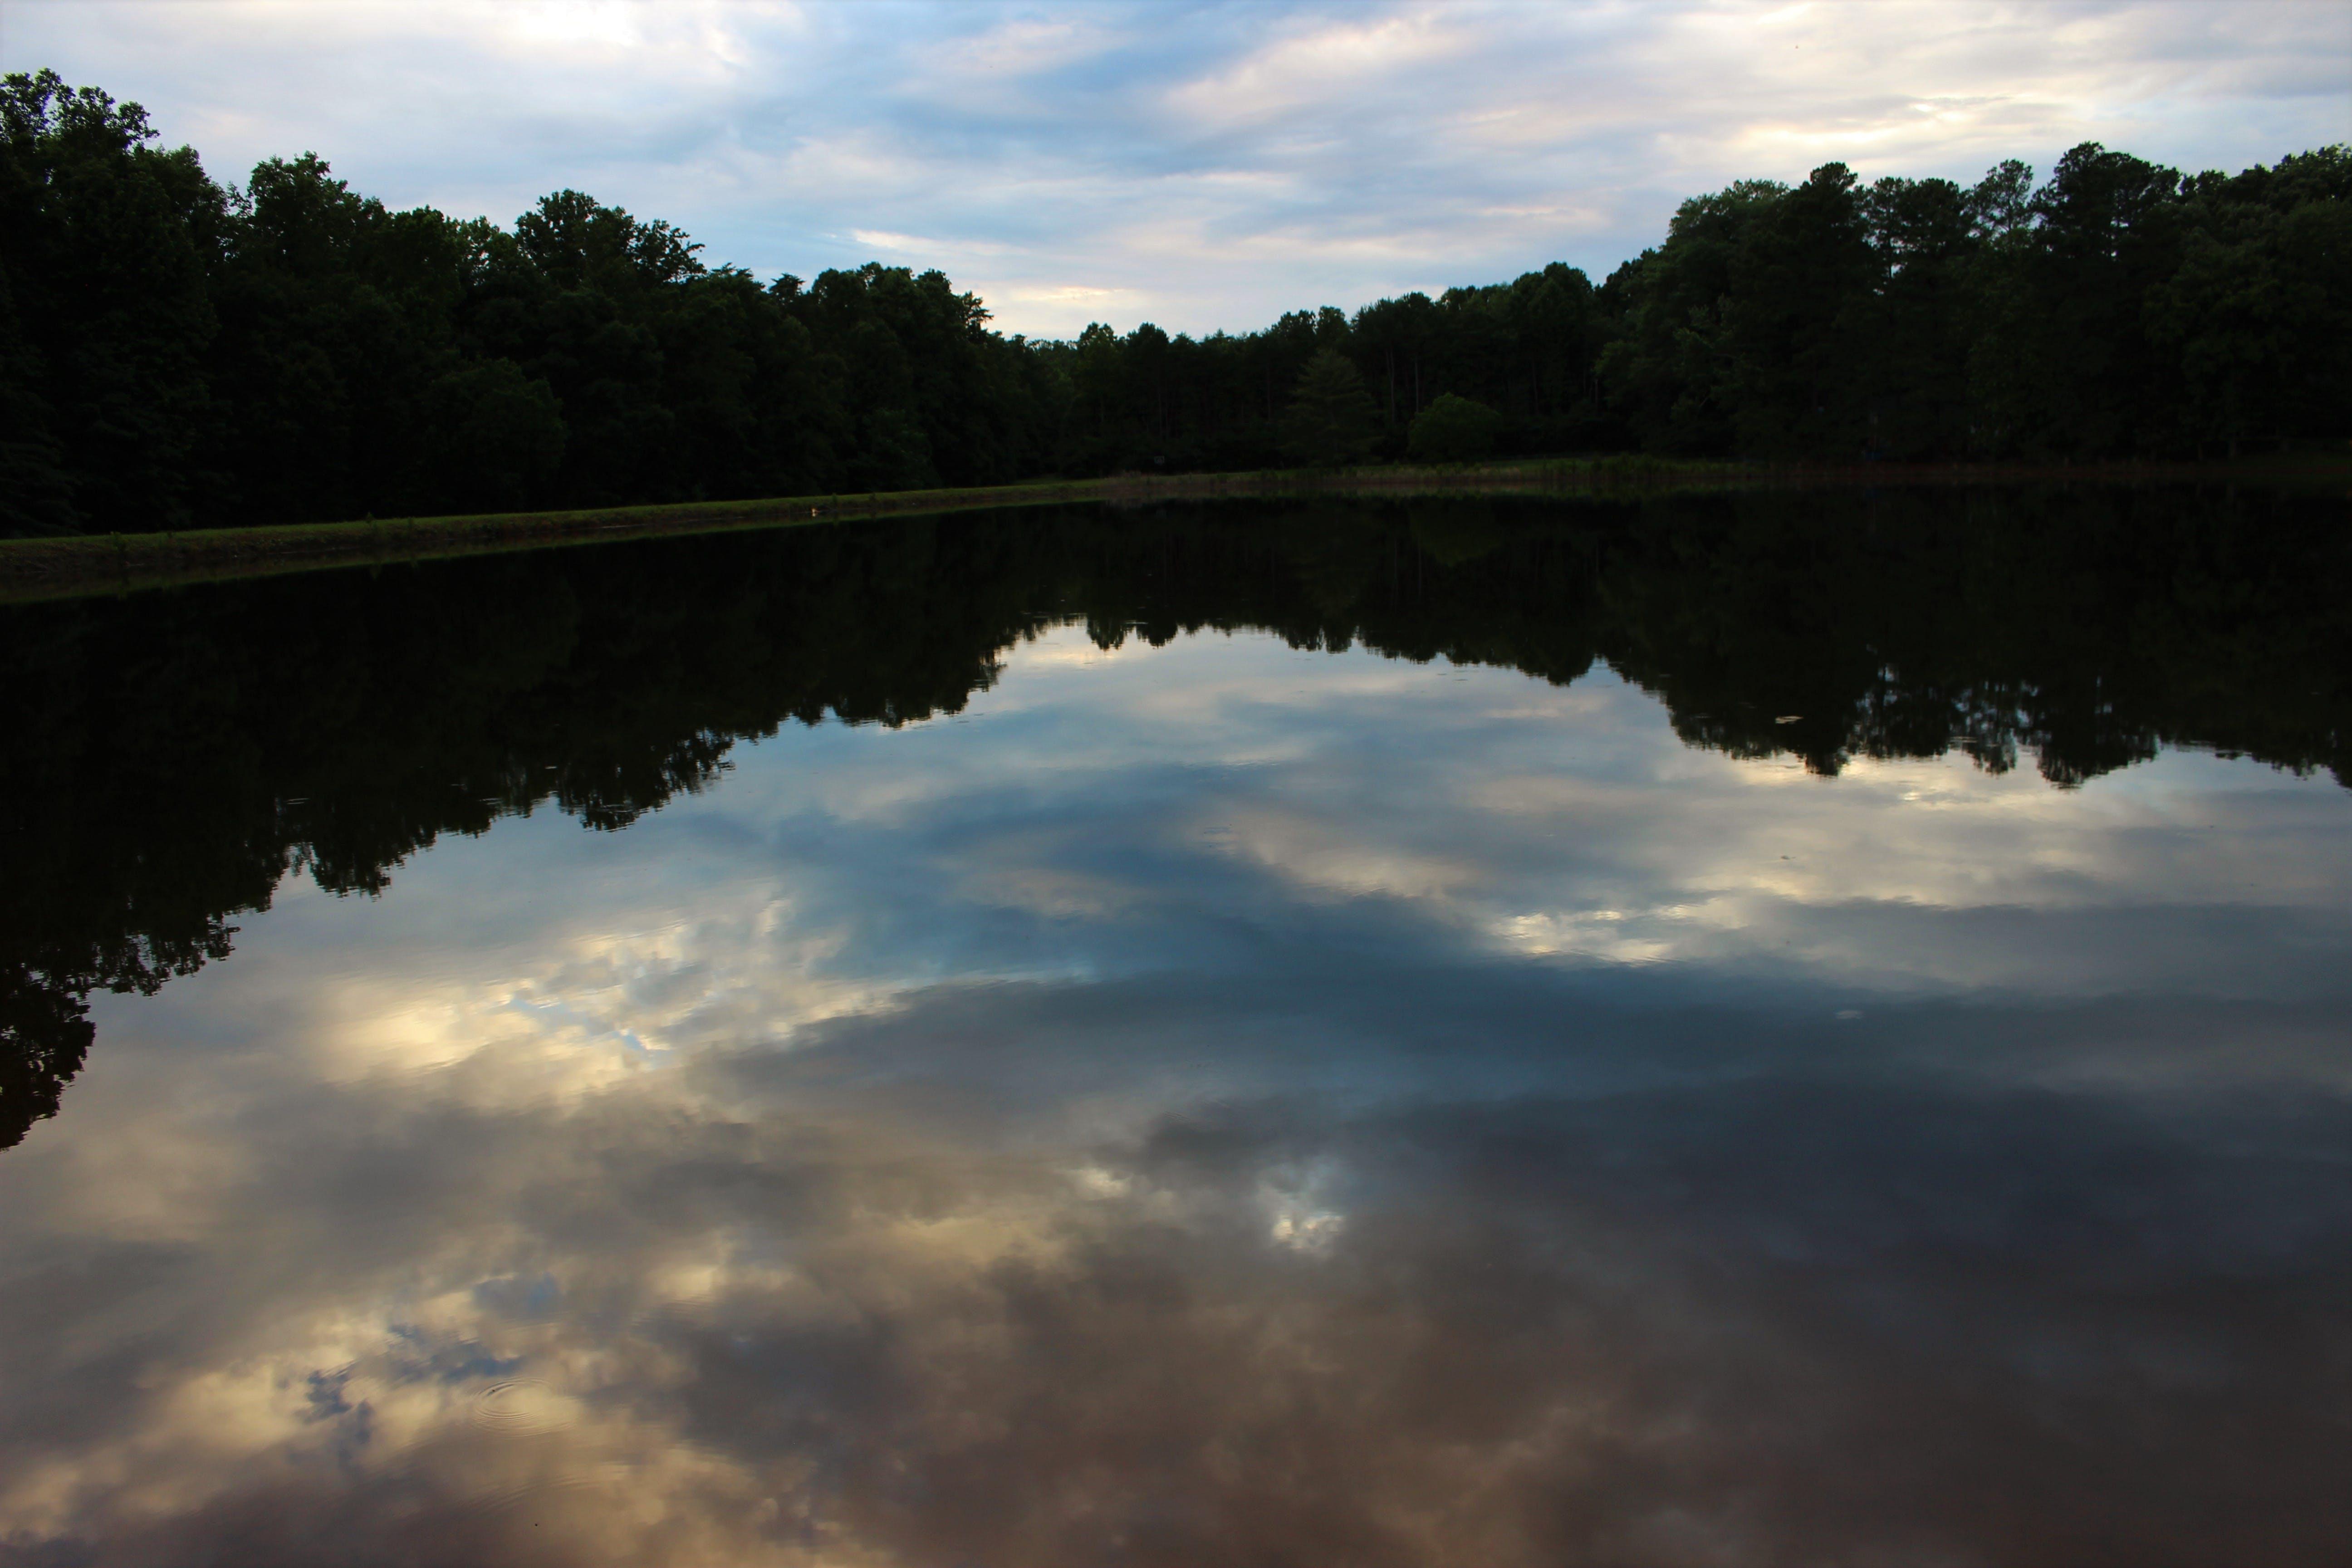 Kostenloses Stock Foto zu lichtreflexionen, natur, reflexionen, sonnig